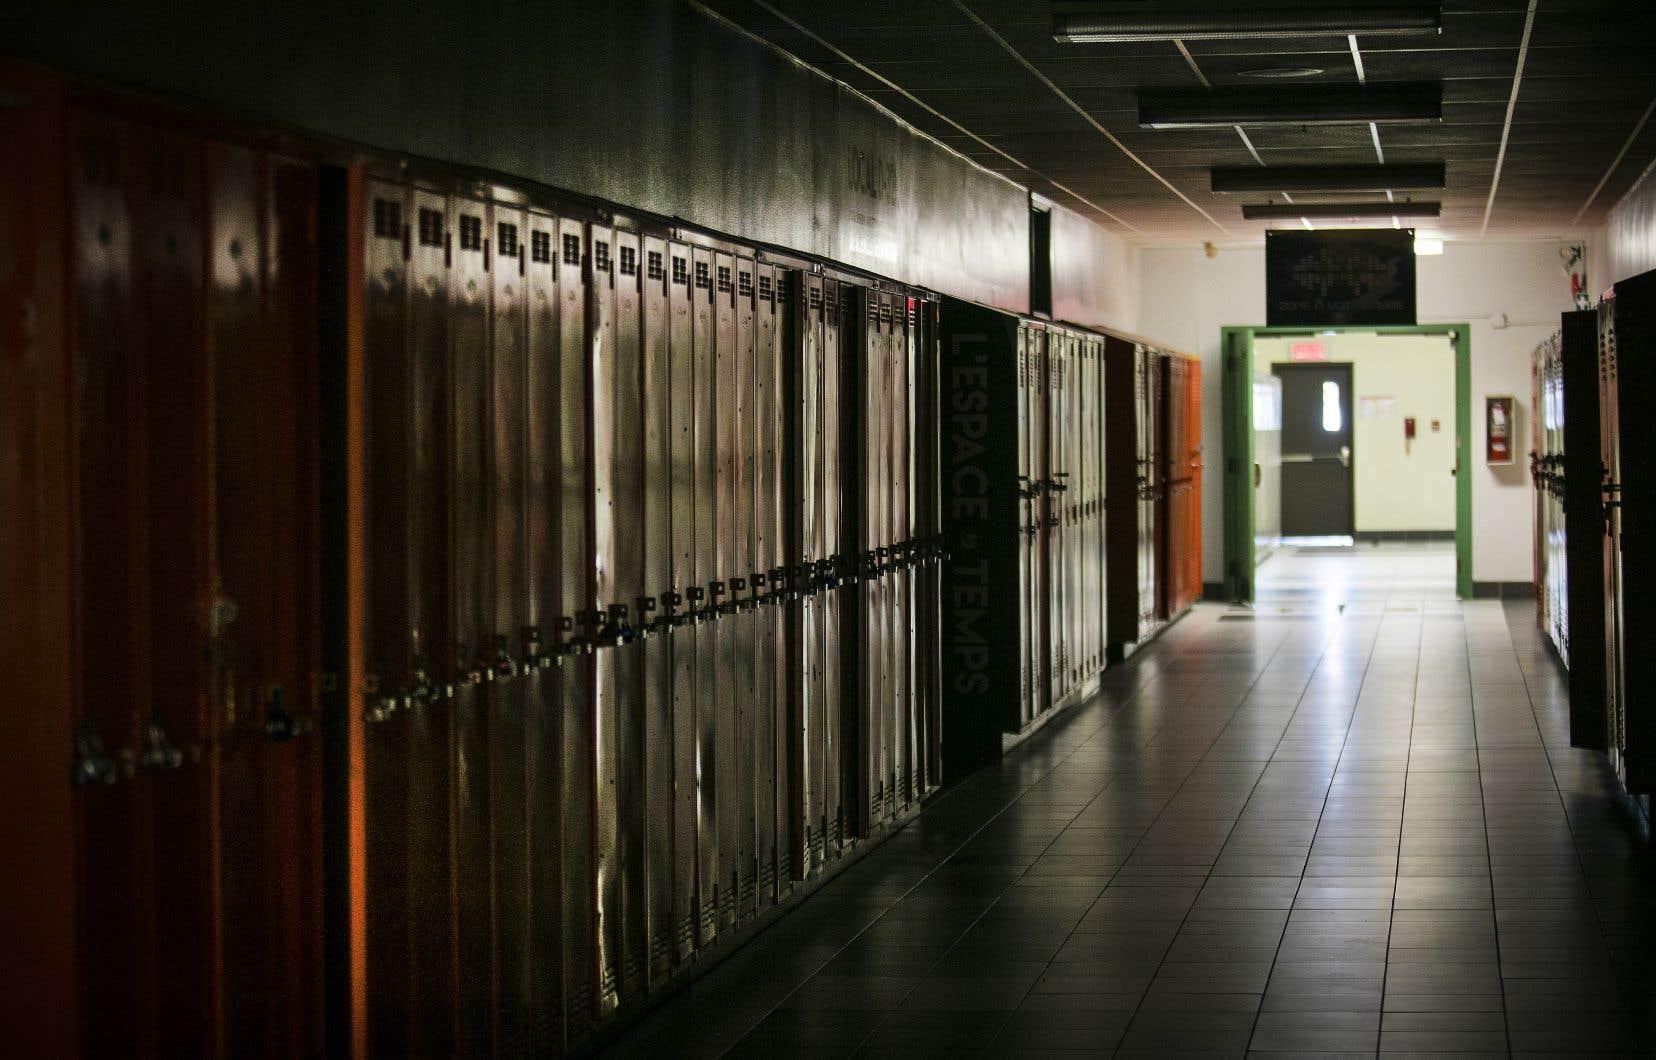 La présence de ces médicaments contrefaits a pris de l'ampleur dans les dernières années dans la rue et dans les écoles du Québec.